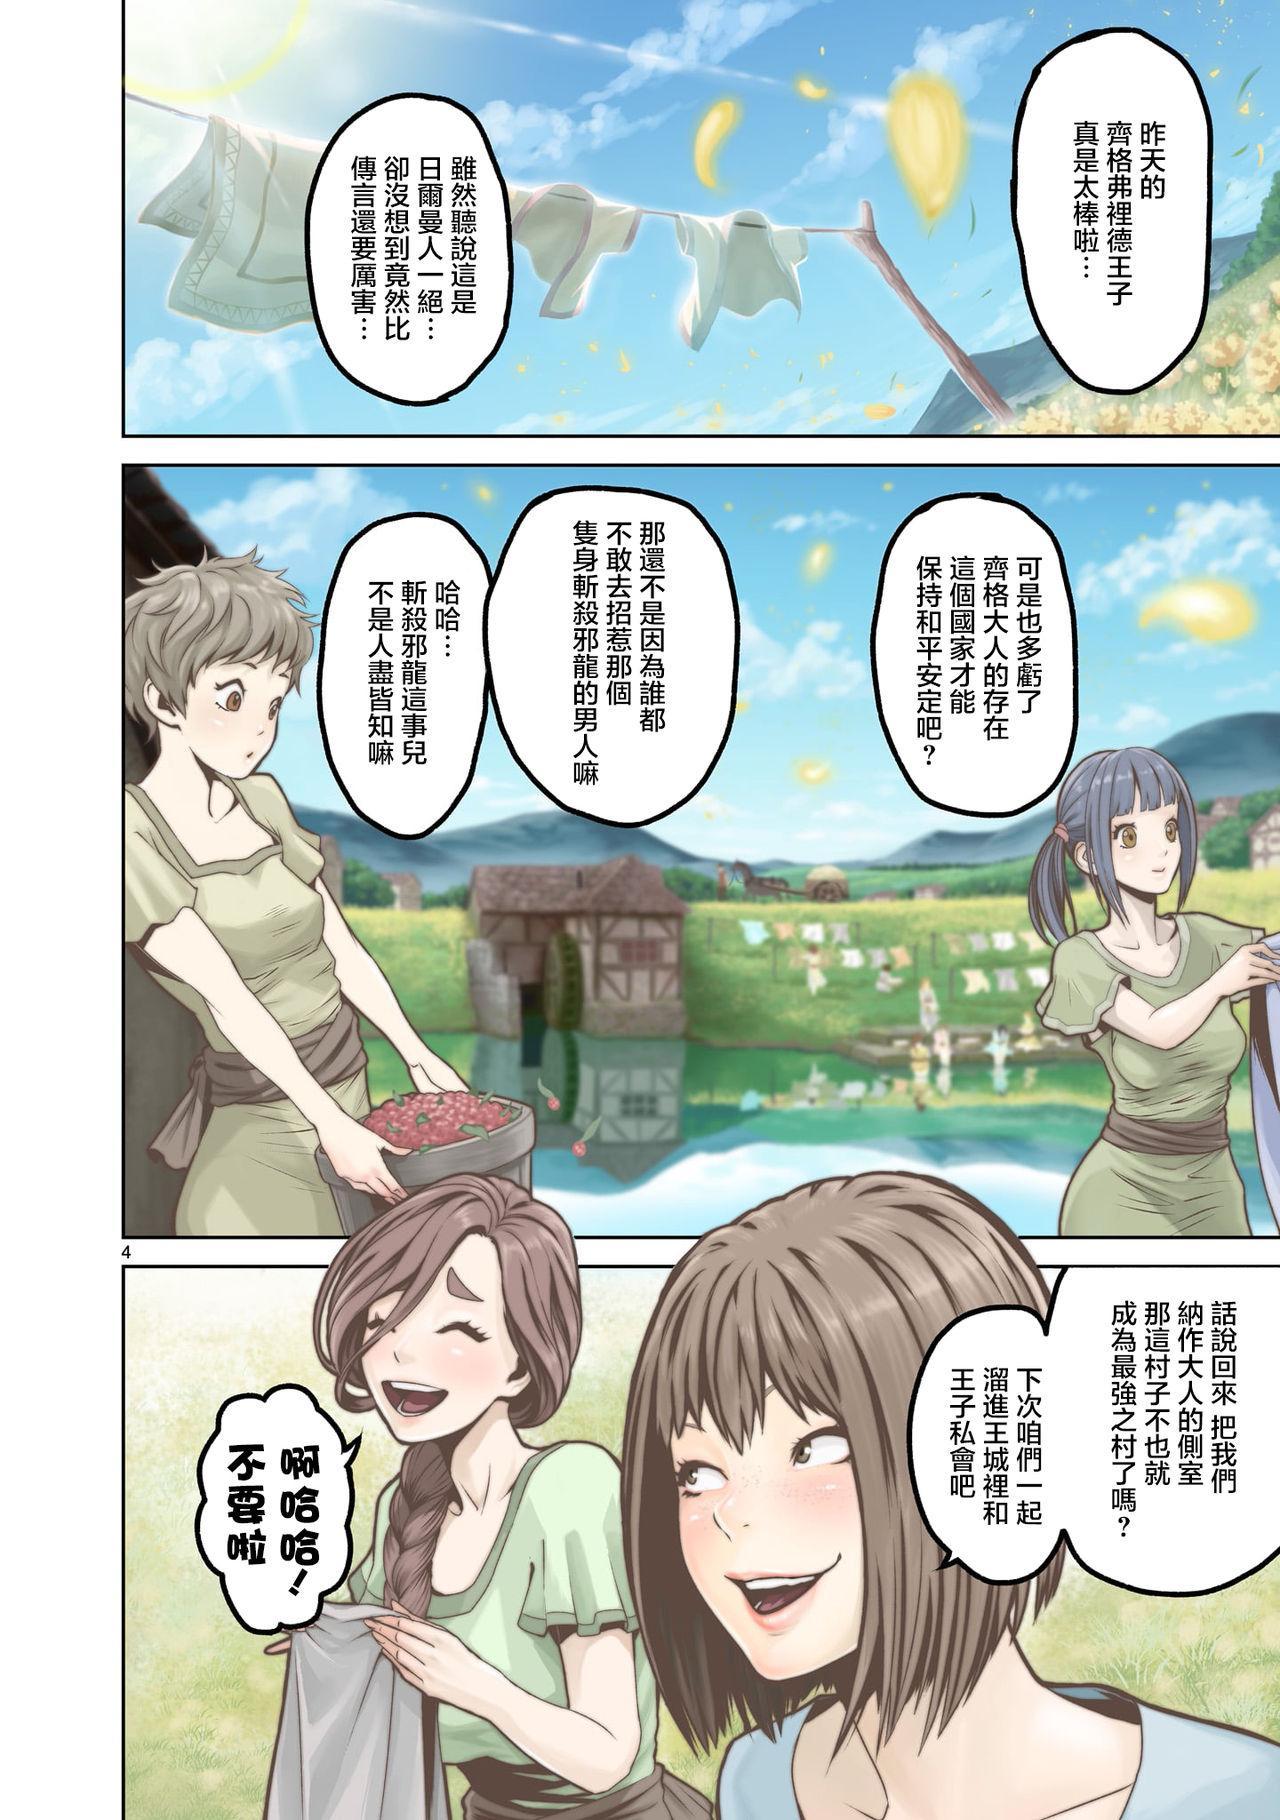 蔷薇园传奇 01 Chinese 4